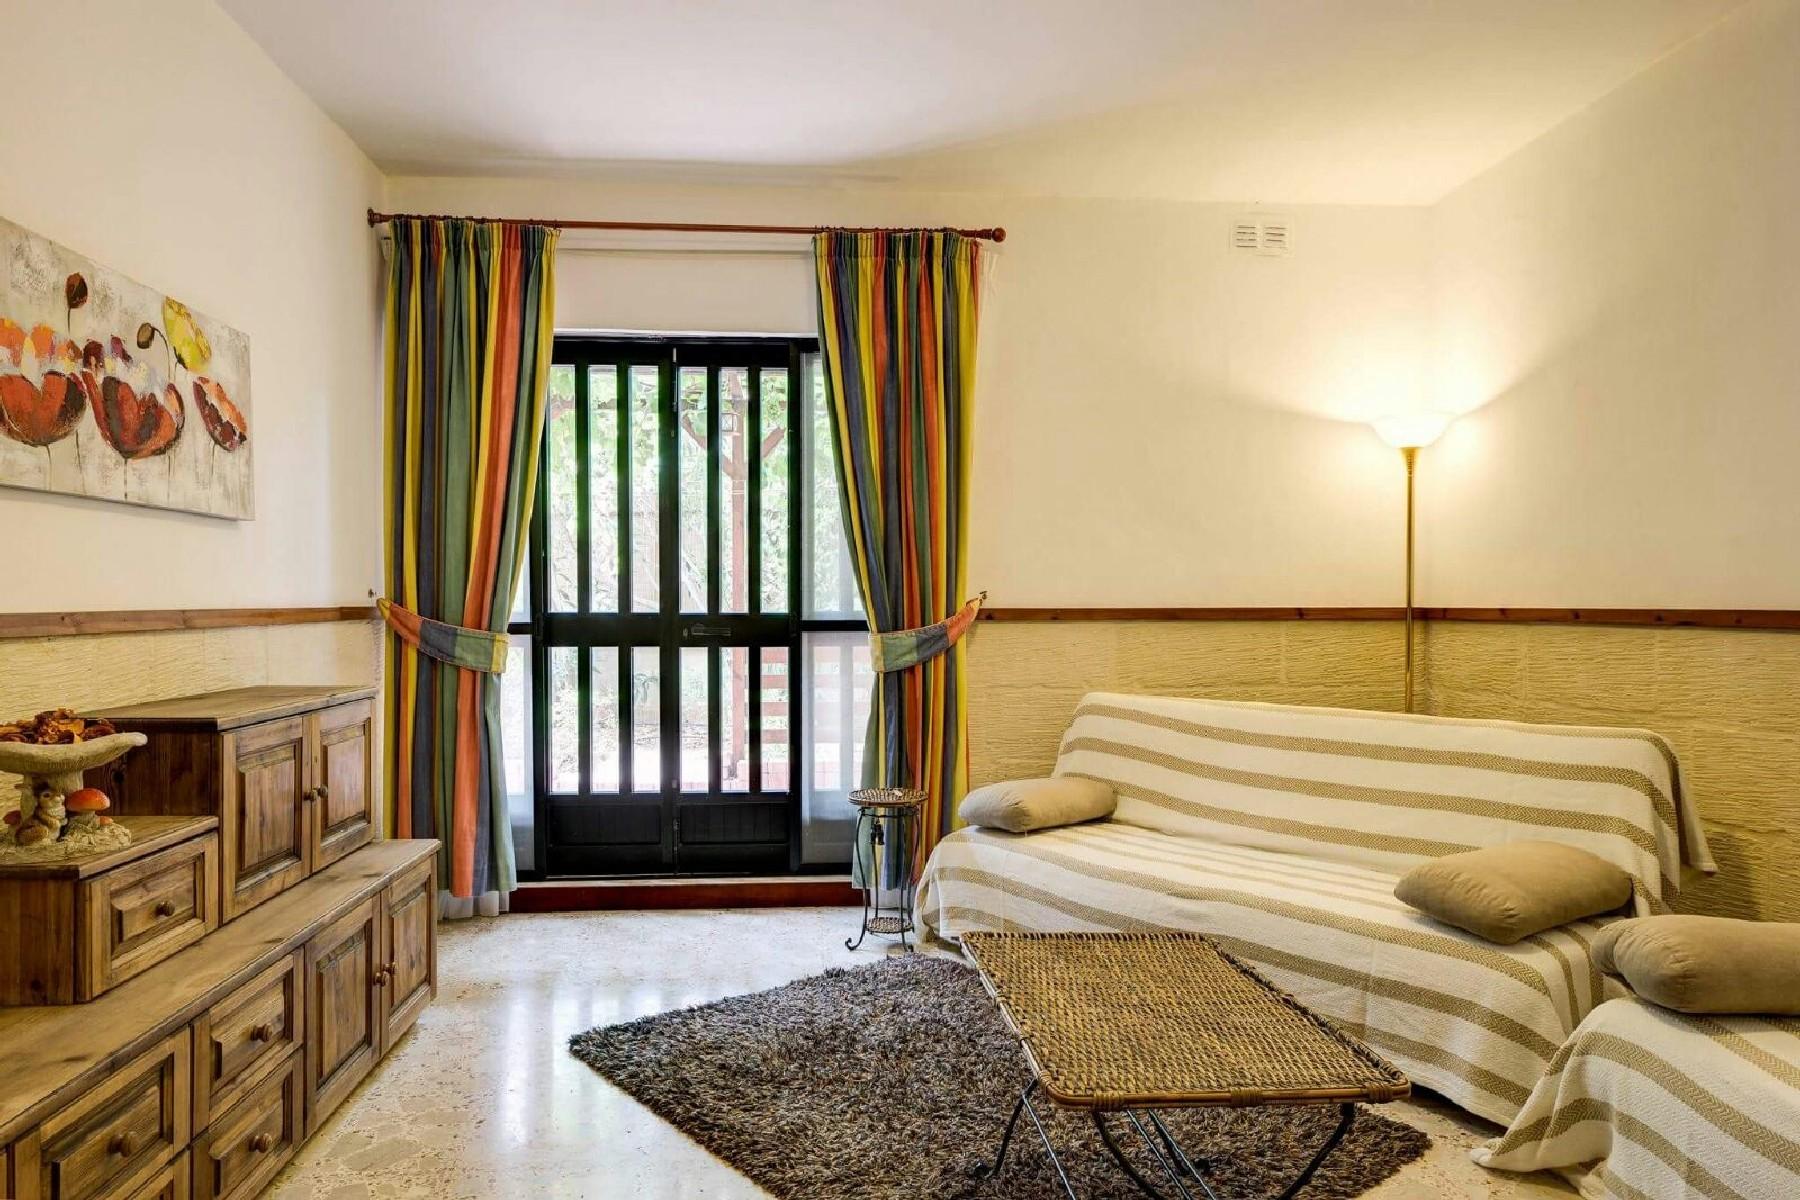 شقة للـ Sale في Ground Floor Apartment Swieqi, Malta